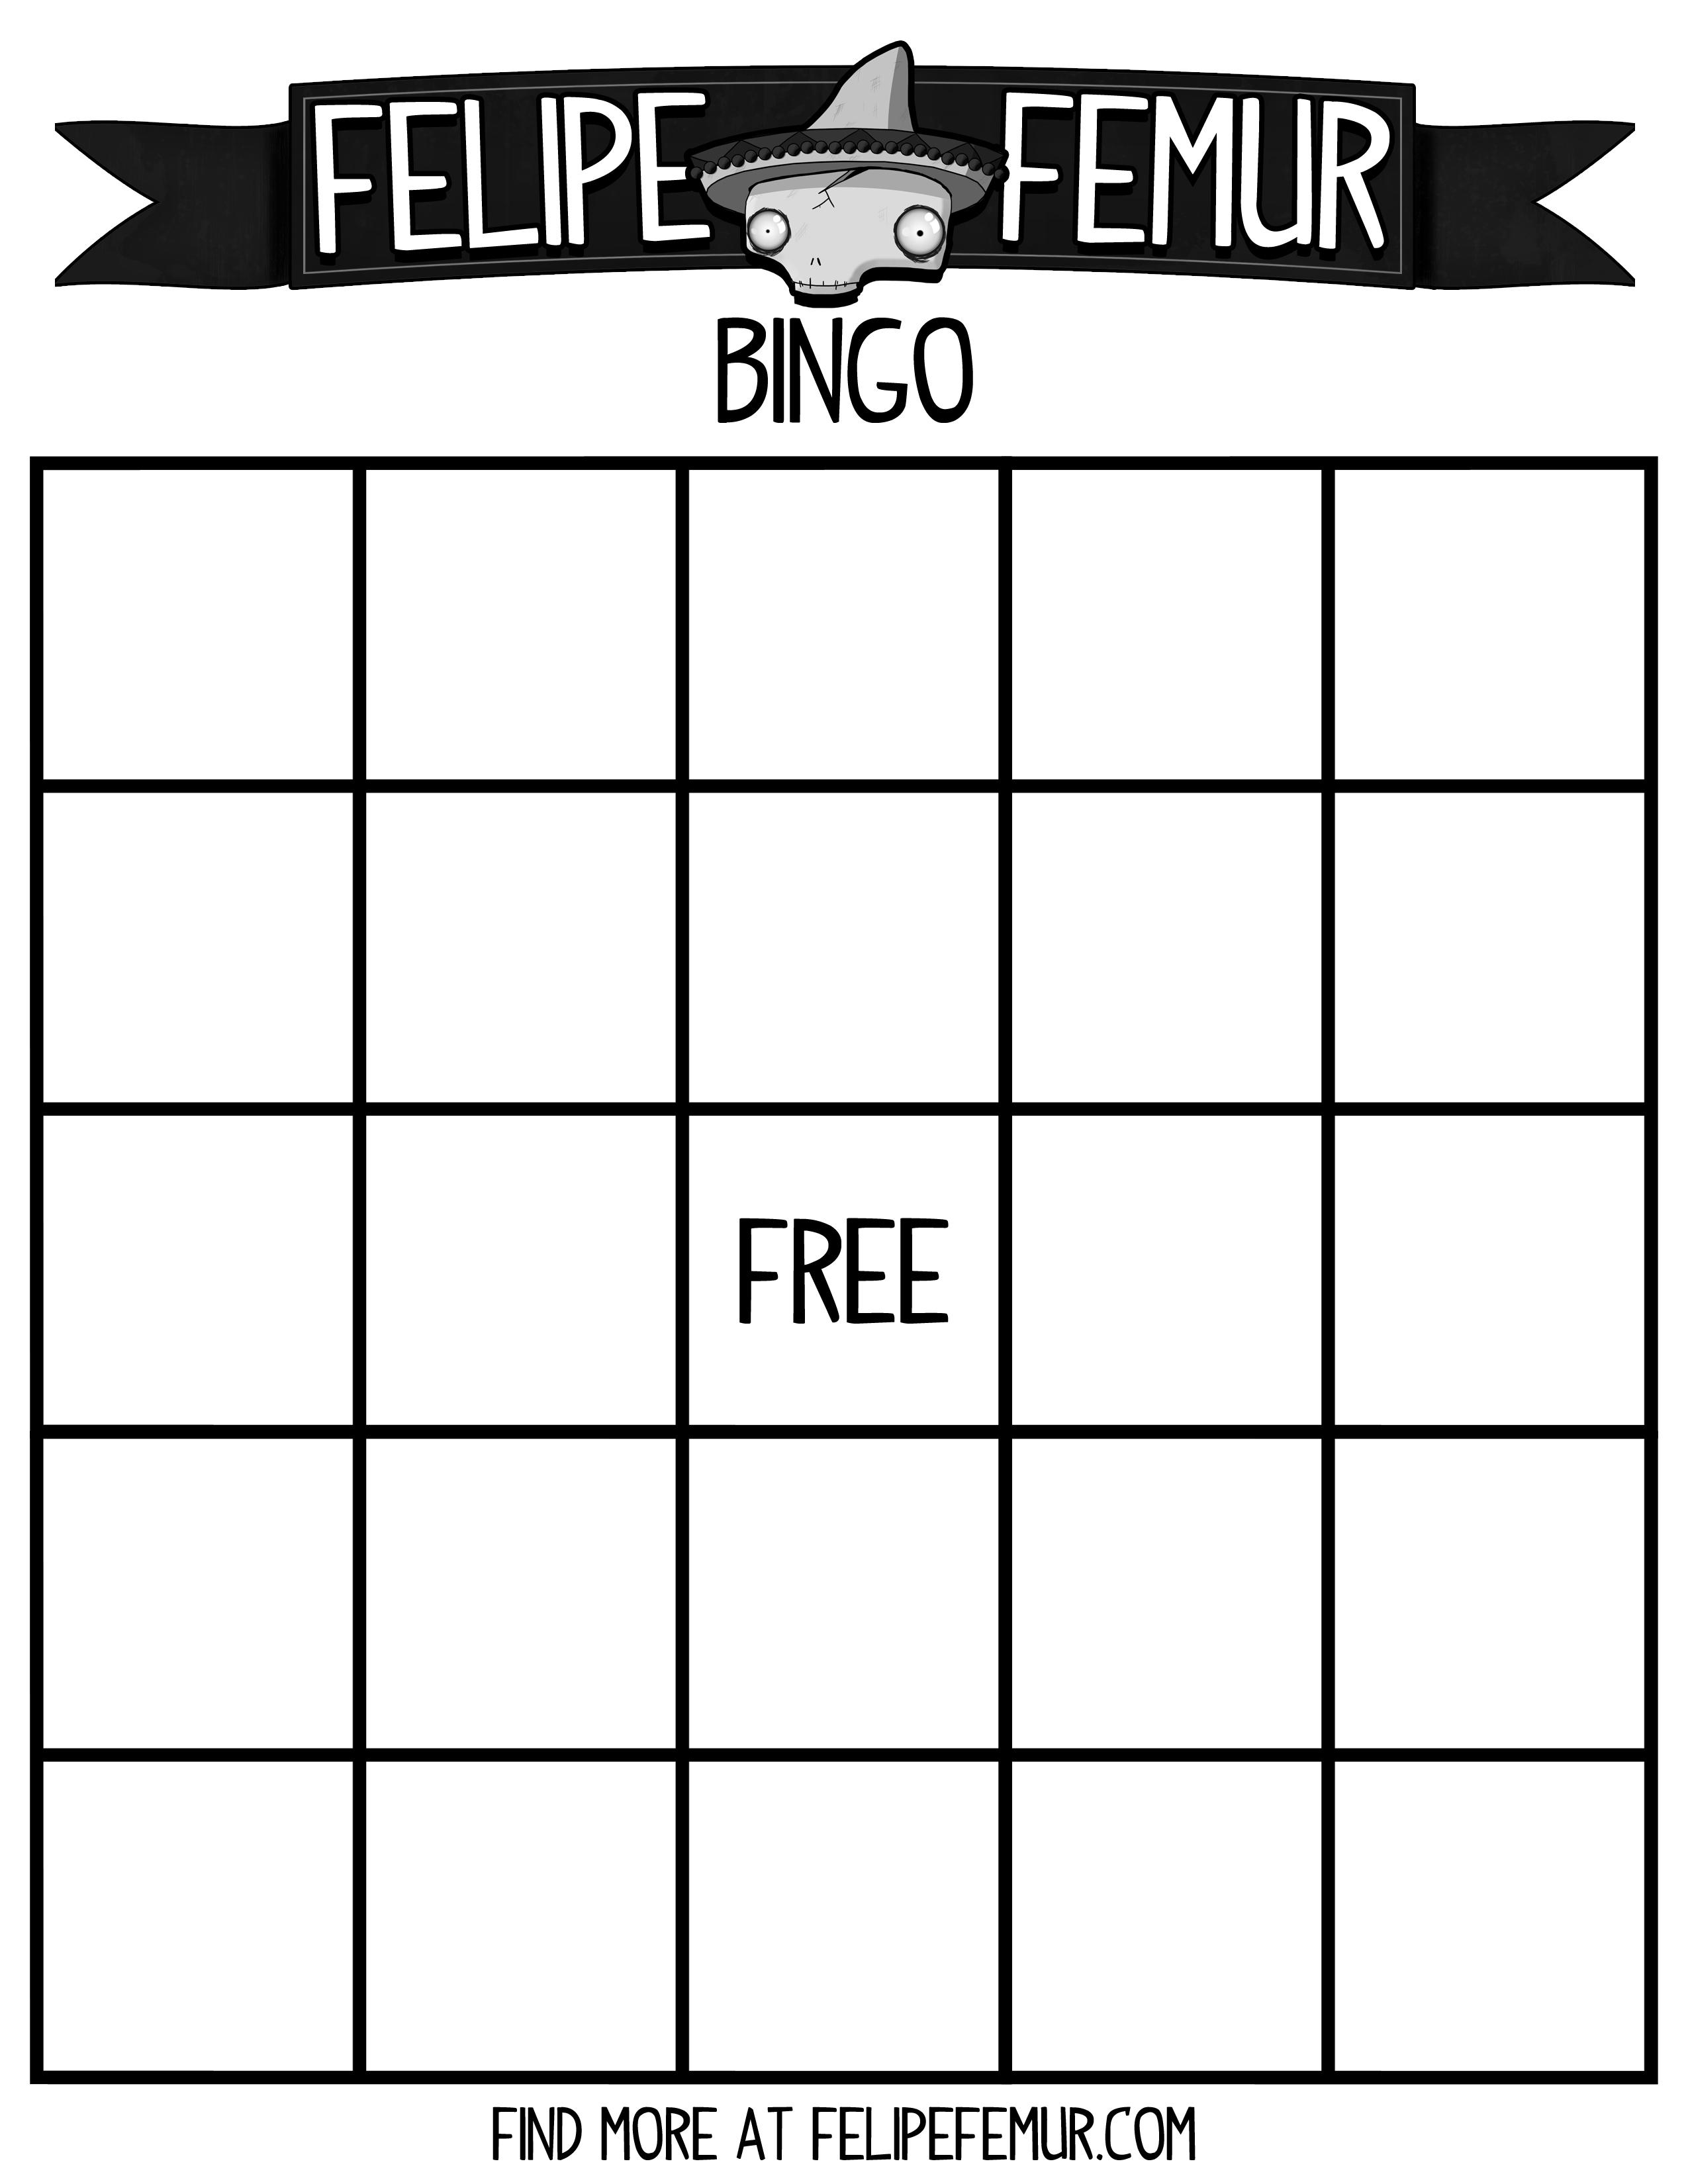 Free Bingo Cards Felipe Femur